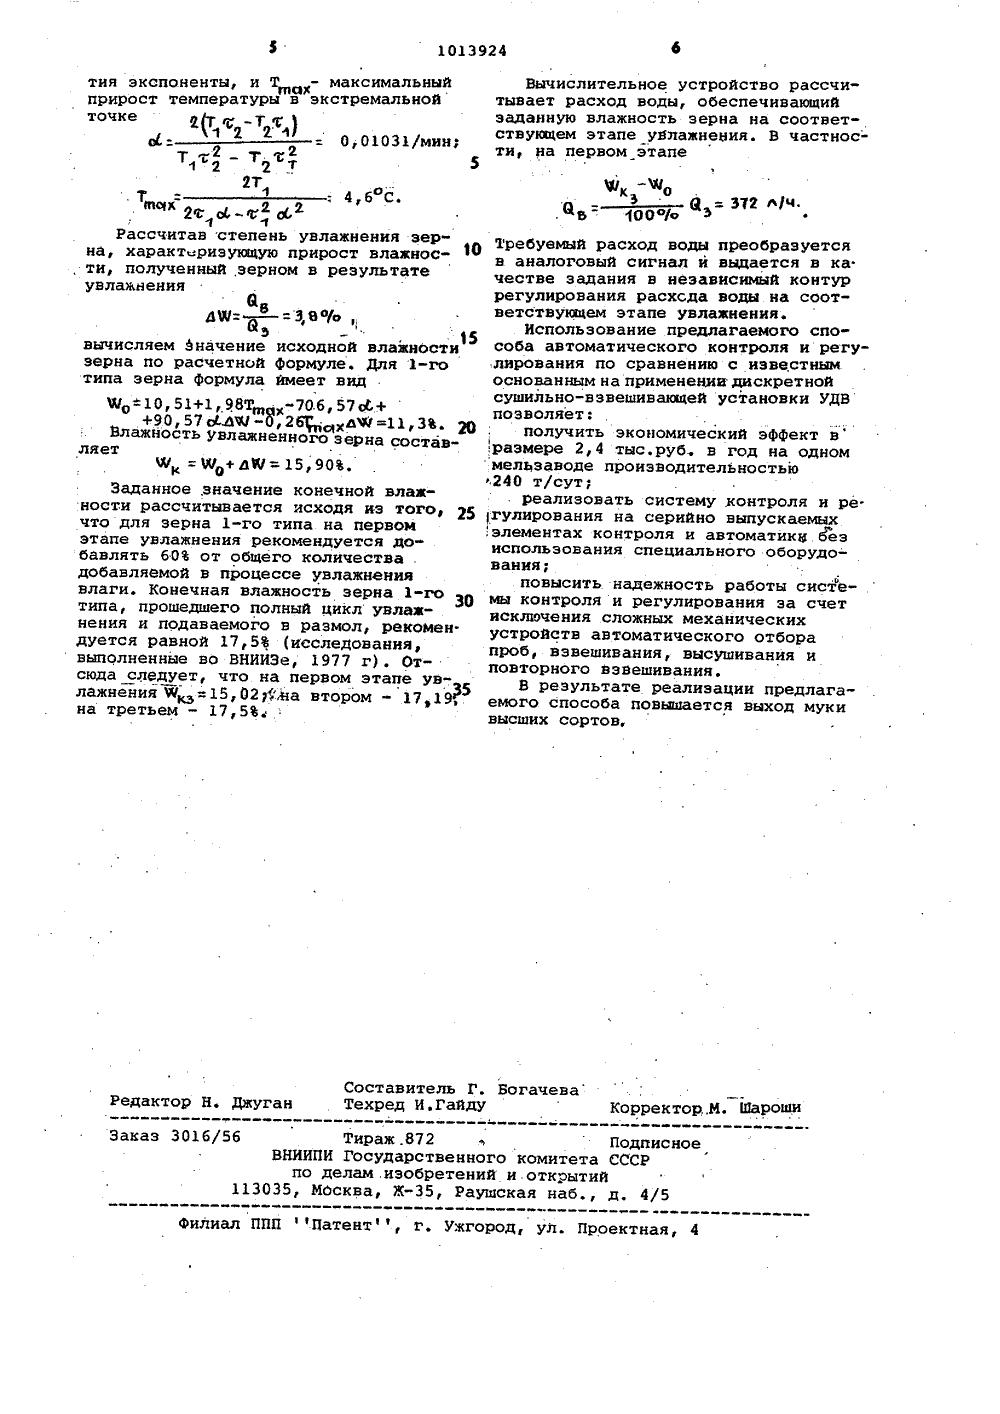 схема прибора ф266